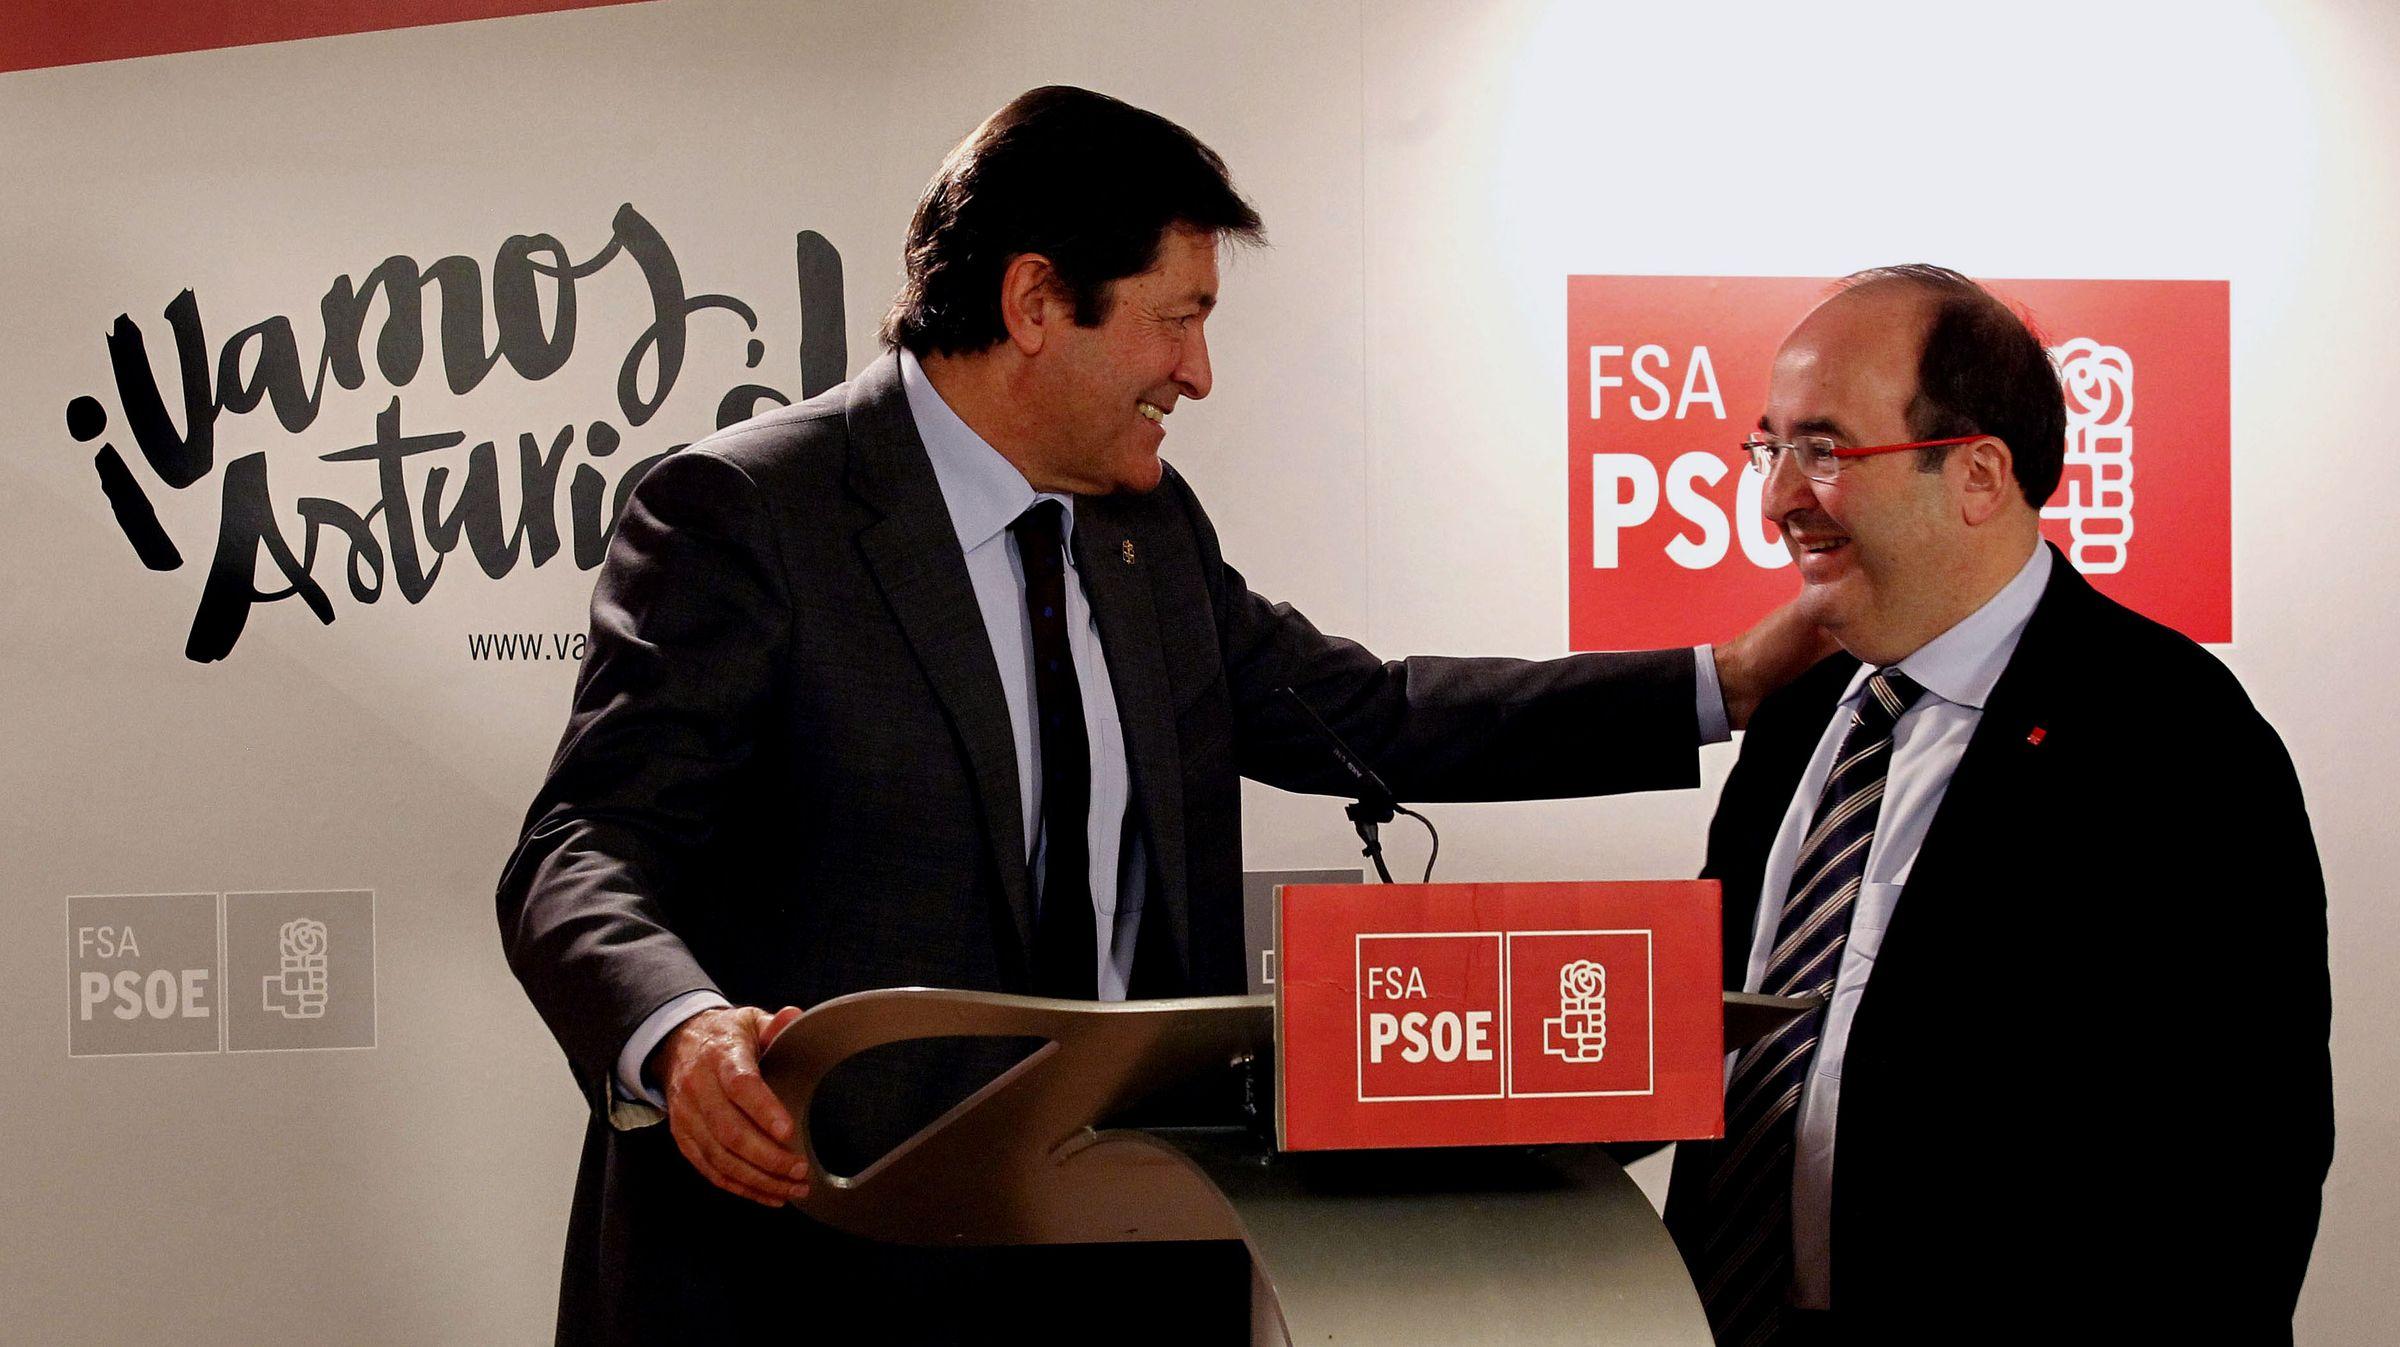 El PSOE elegirá a su nuevo líder en mayo y celebrará su congreso a mediados de junio.Javier Fernández y Miquel Iceta